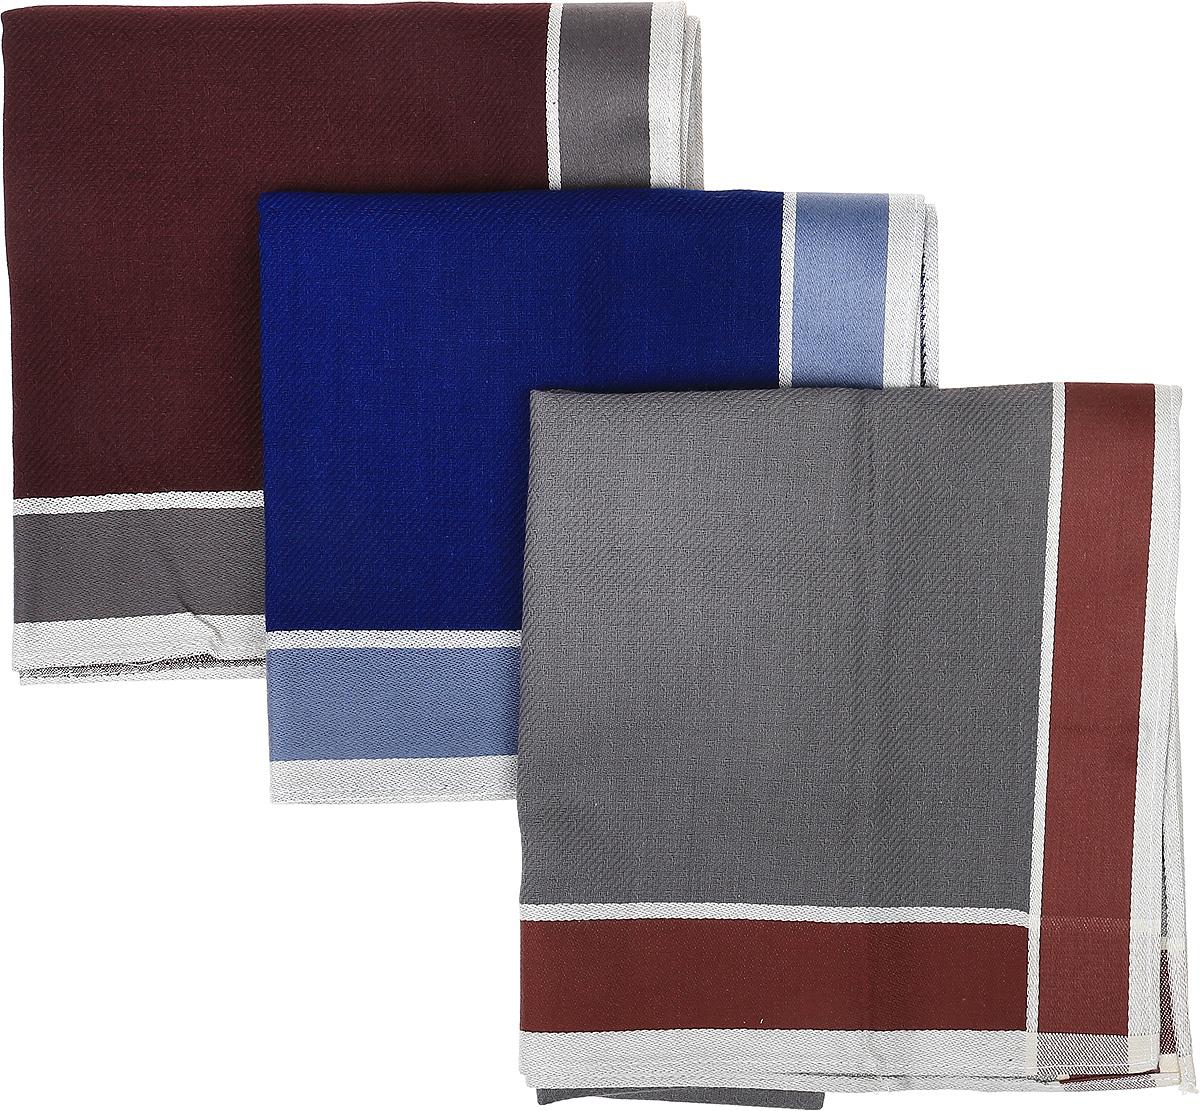 Платок носовой мужской Zlata Korunka, цвет: серый, синий, коричневый, 3 шт. 45687F-3. Размер 43 см х 43 см39864|Серьги с подвескамиМужской носовой платой Zlata Korunka изготовлен из натурального хлопка, приятен в использовании, хорошо стирается, материал не садится и отлично впитывает влагу. Оформлена модель контрастным принтом.